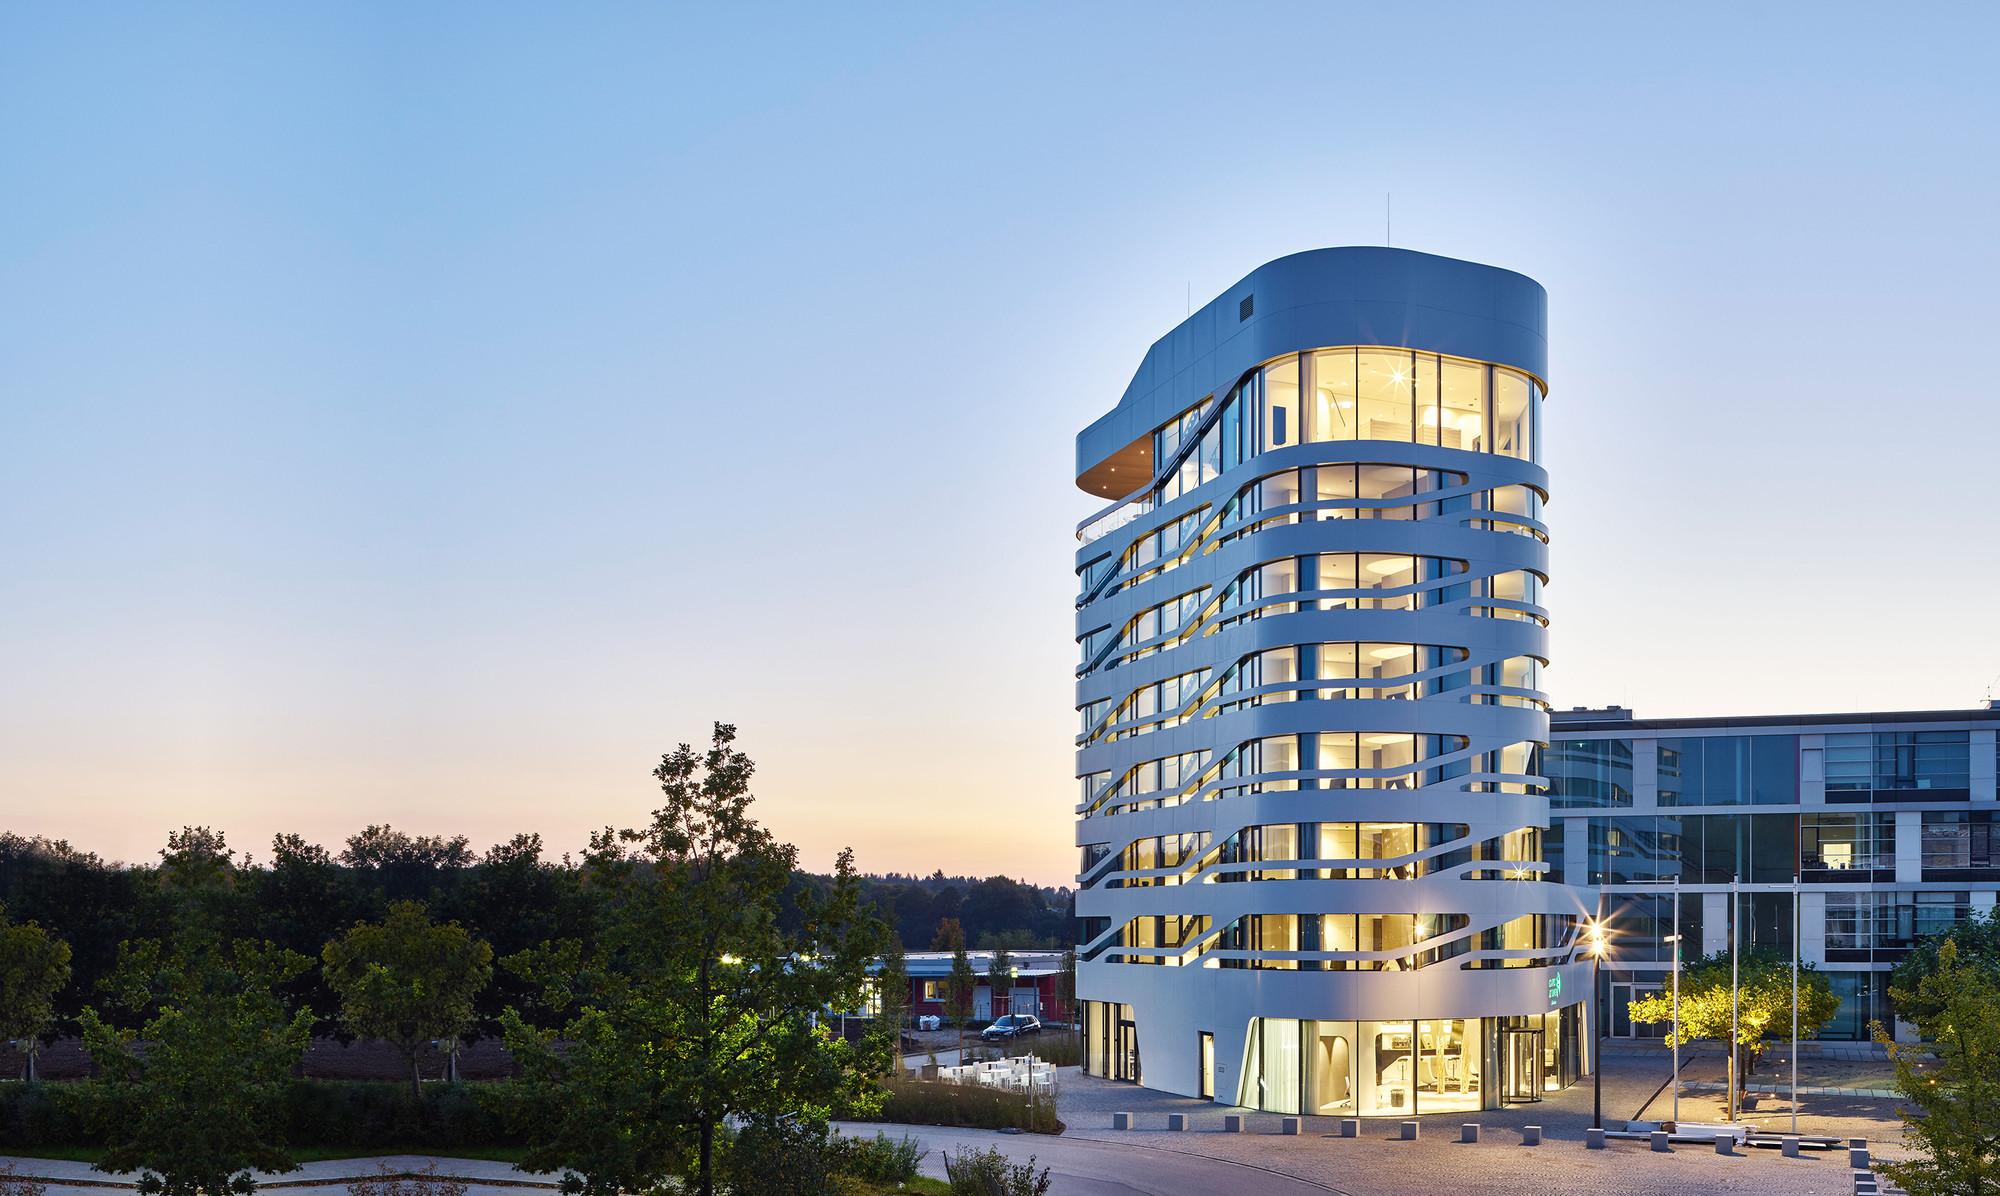 IZB Residence / Stark Architekten, © Robert Sprang